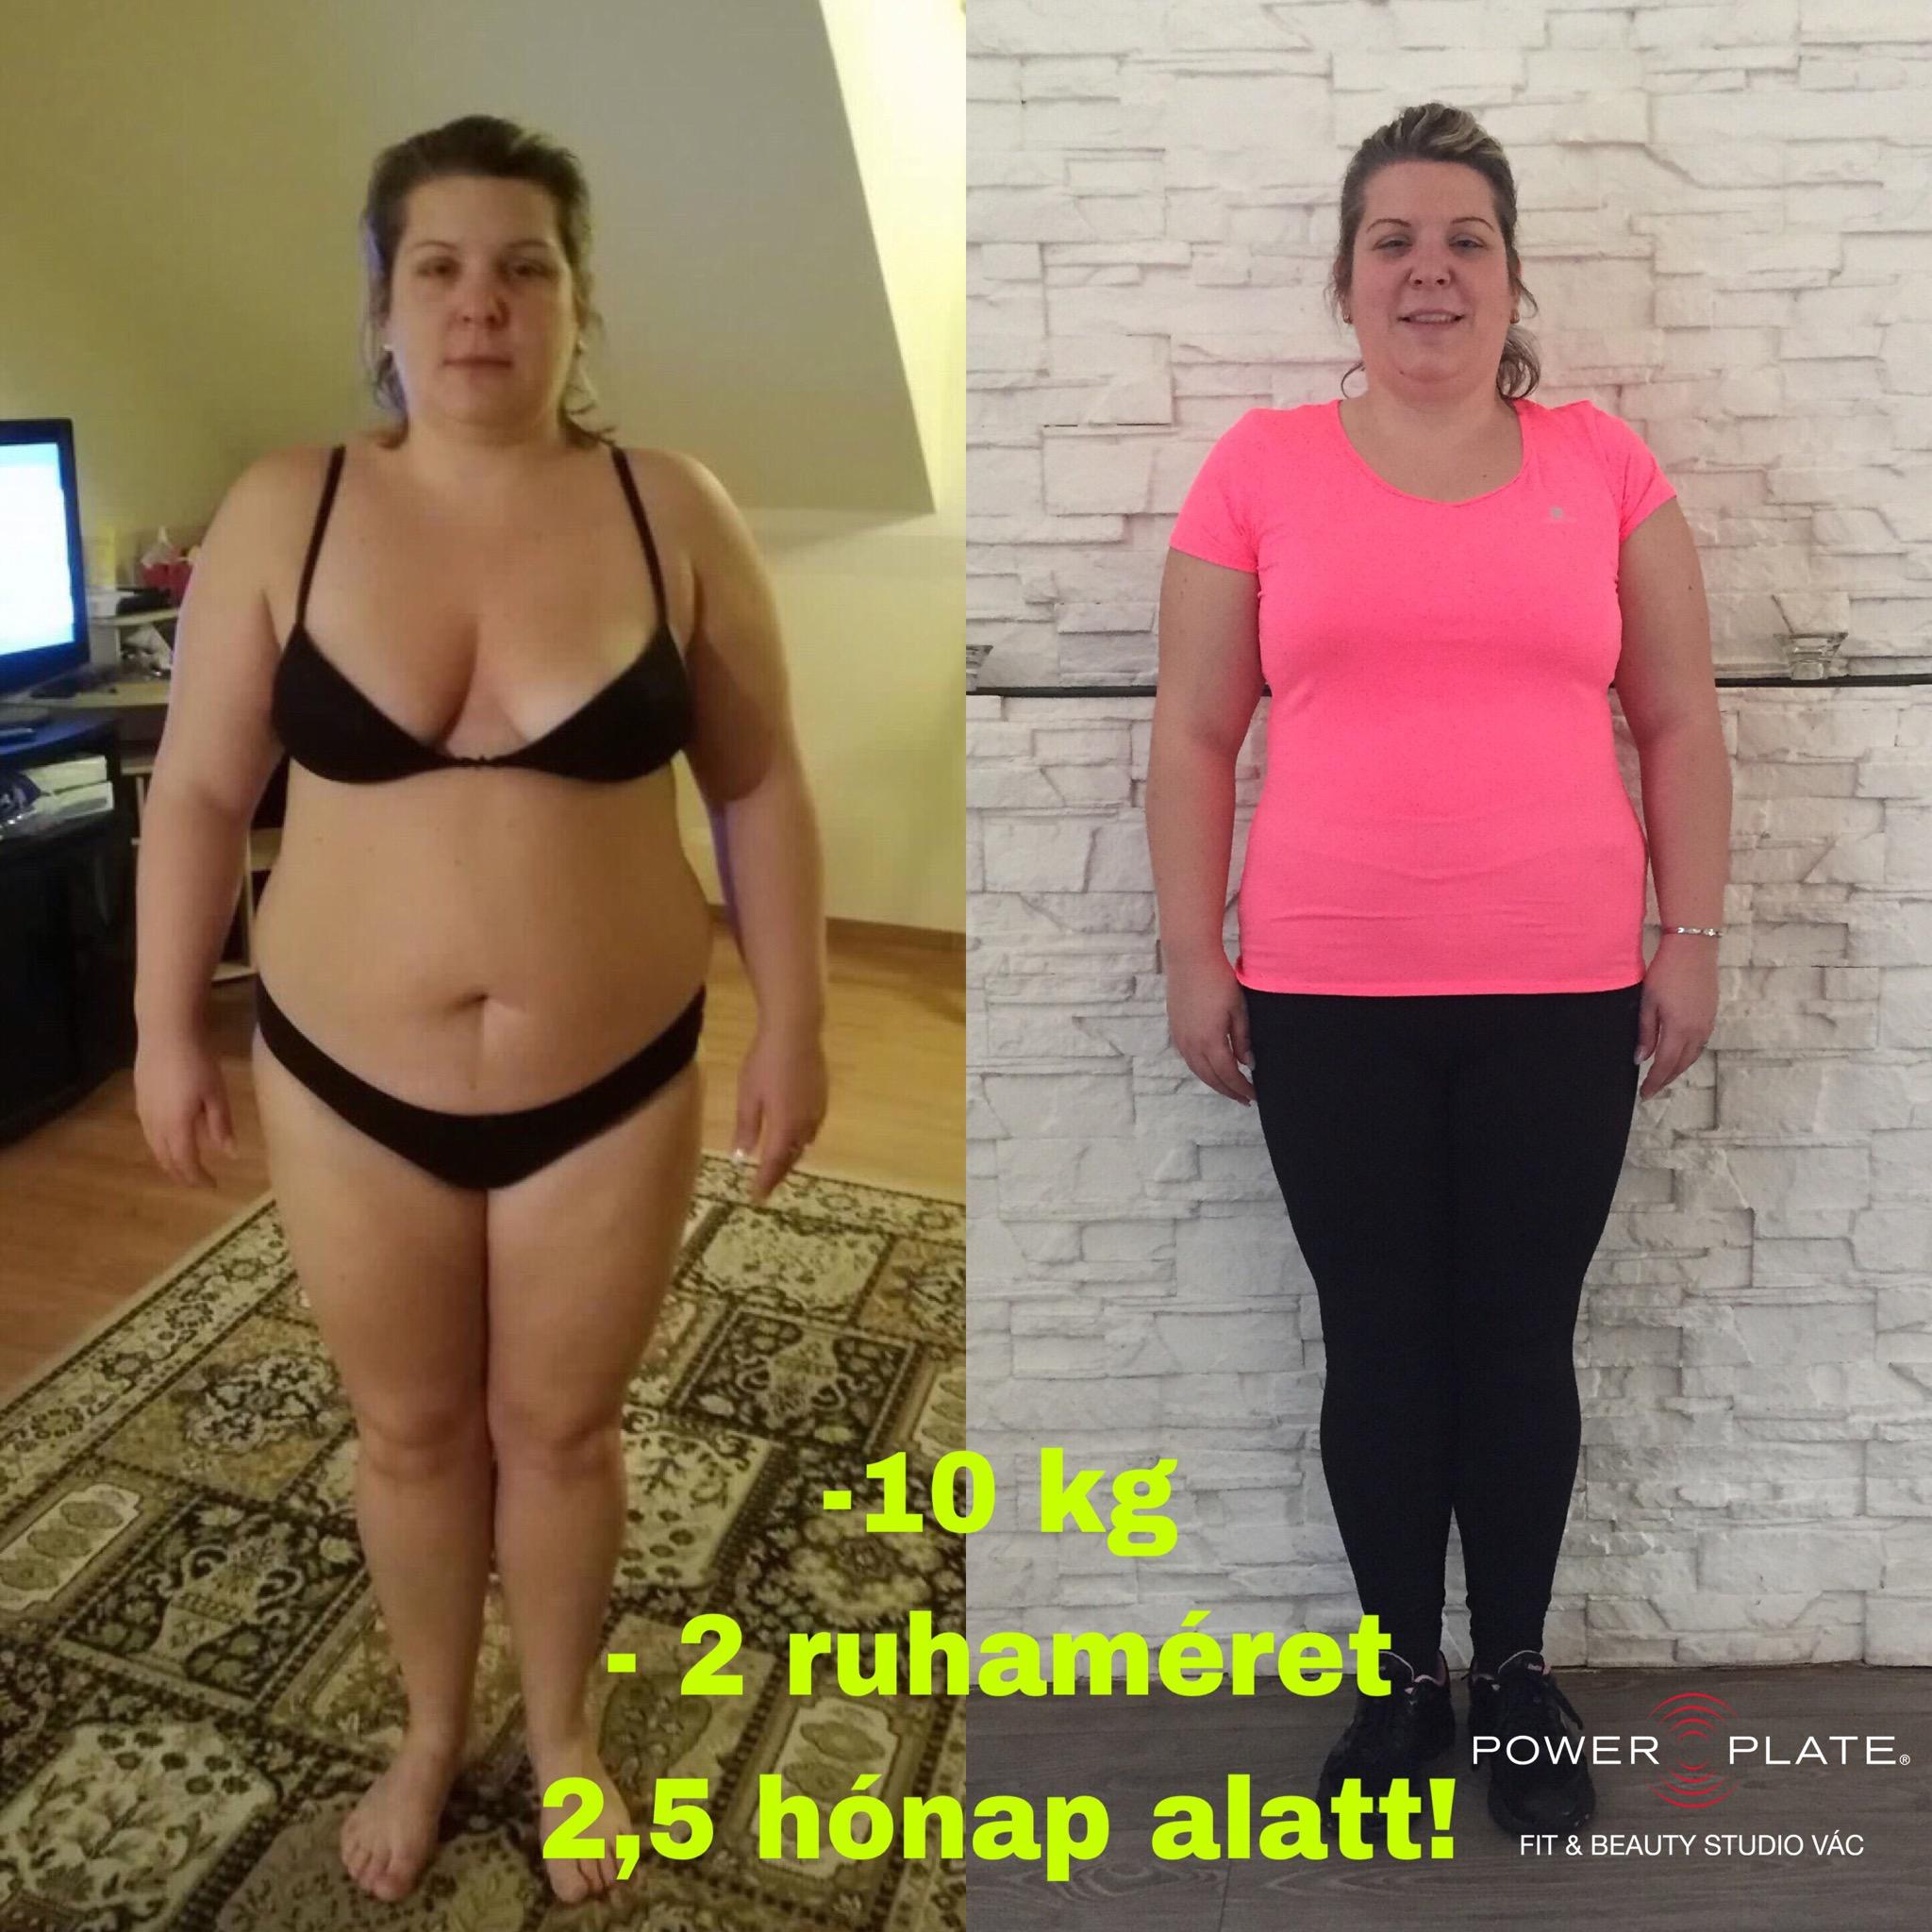 Hogyan fogyjak 1 hónap alatt 20-25 kilót?